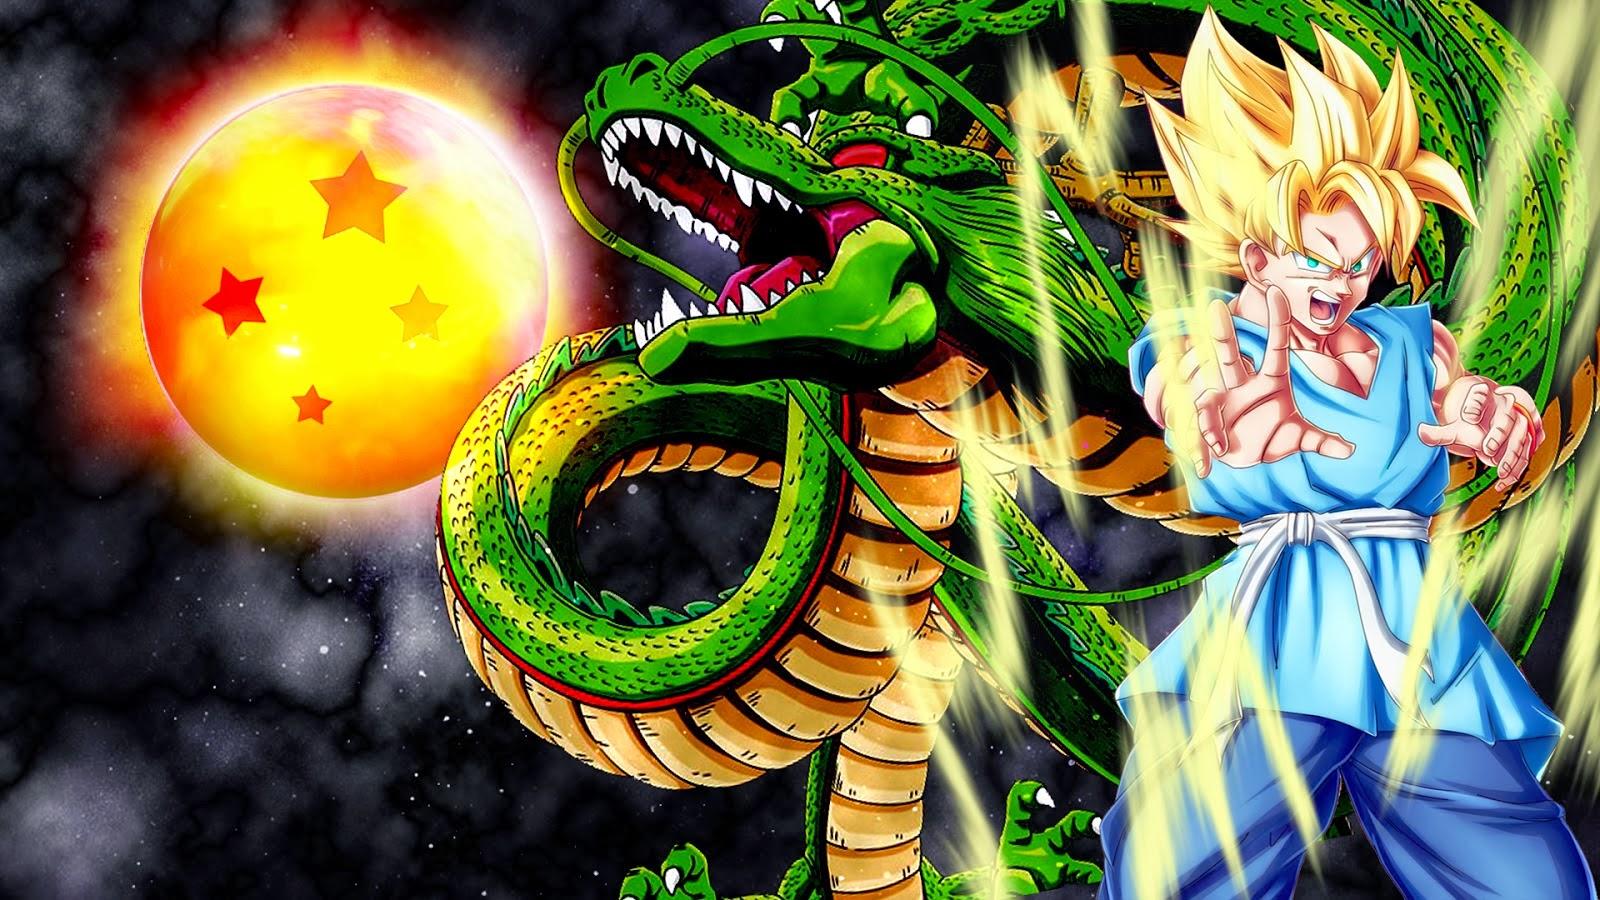 ảnh động dragon ball